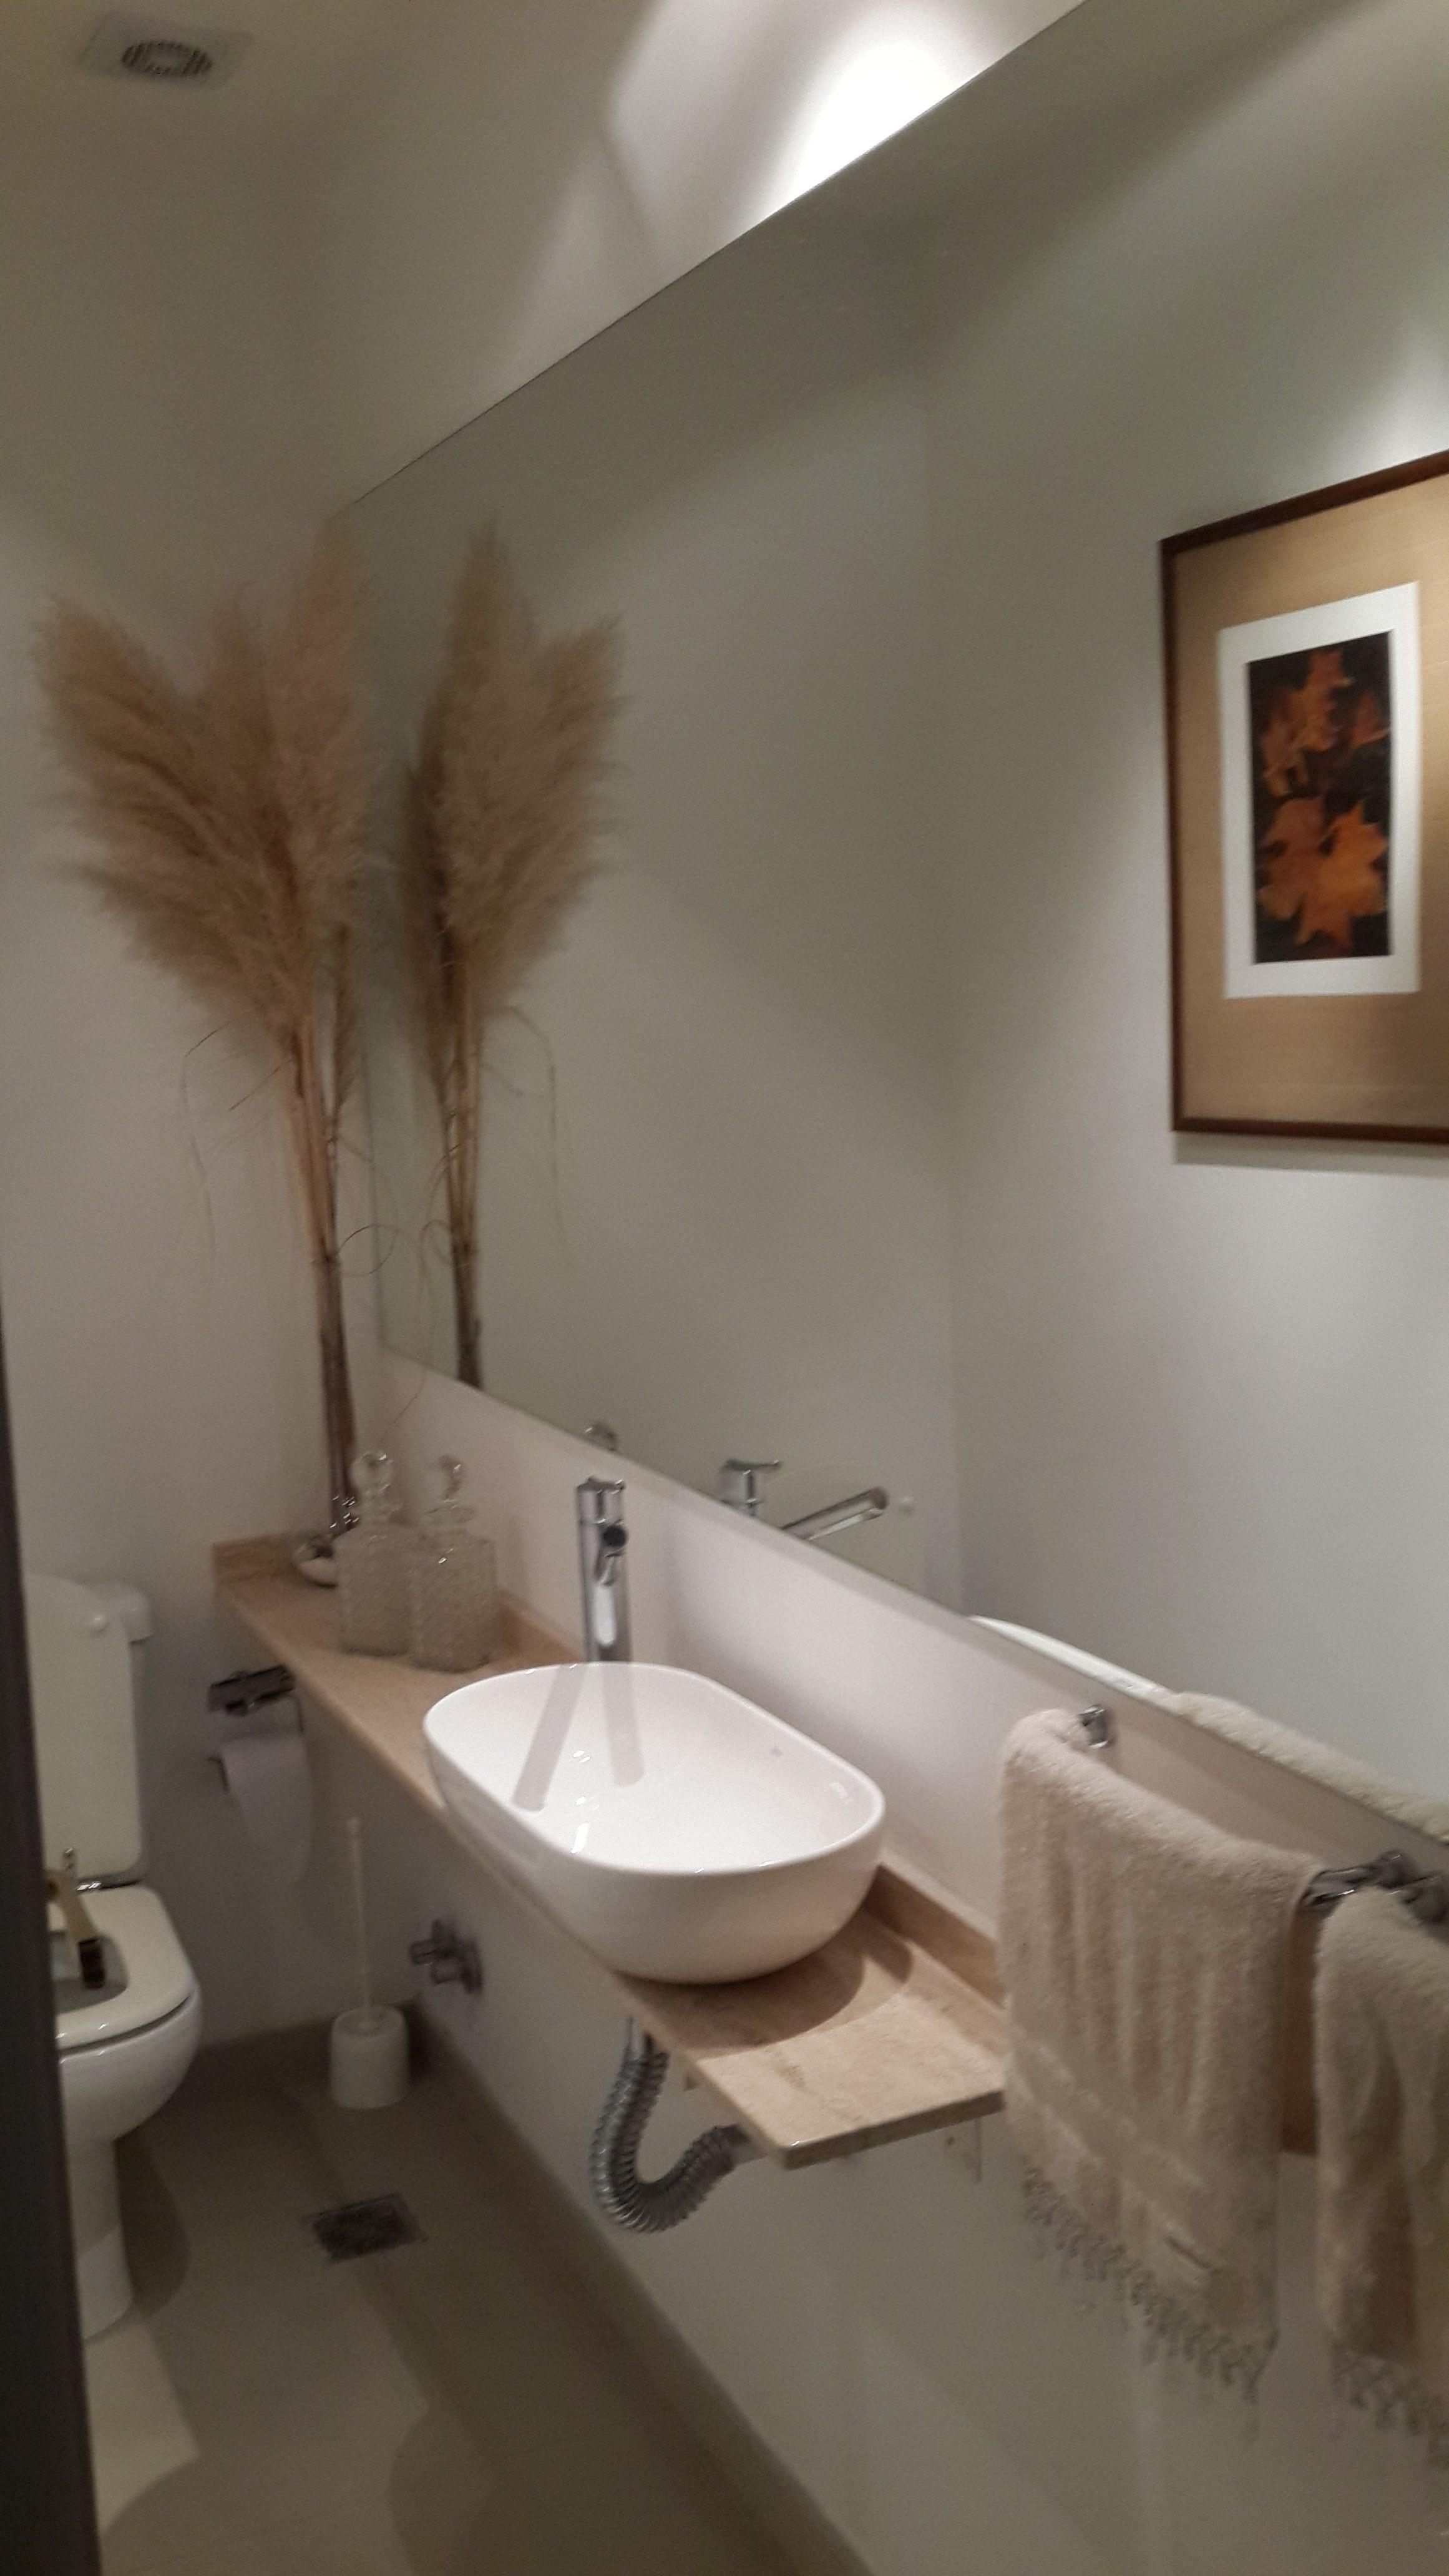 Toilette De Recepcion Disenado En Un Ambiente Muy Angosto Pero